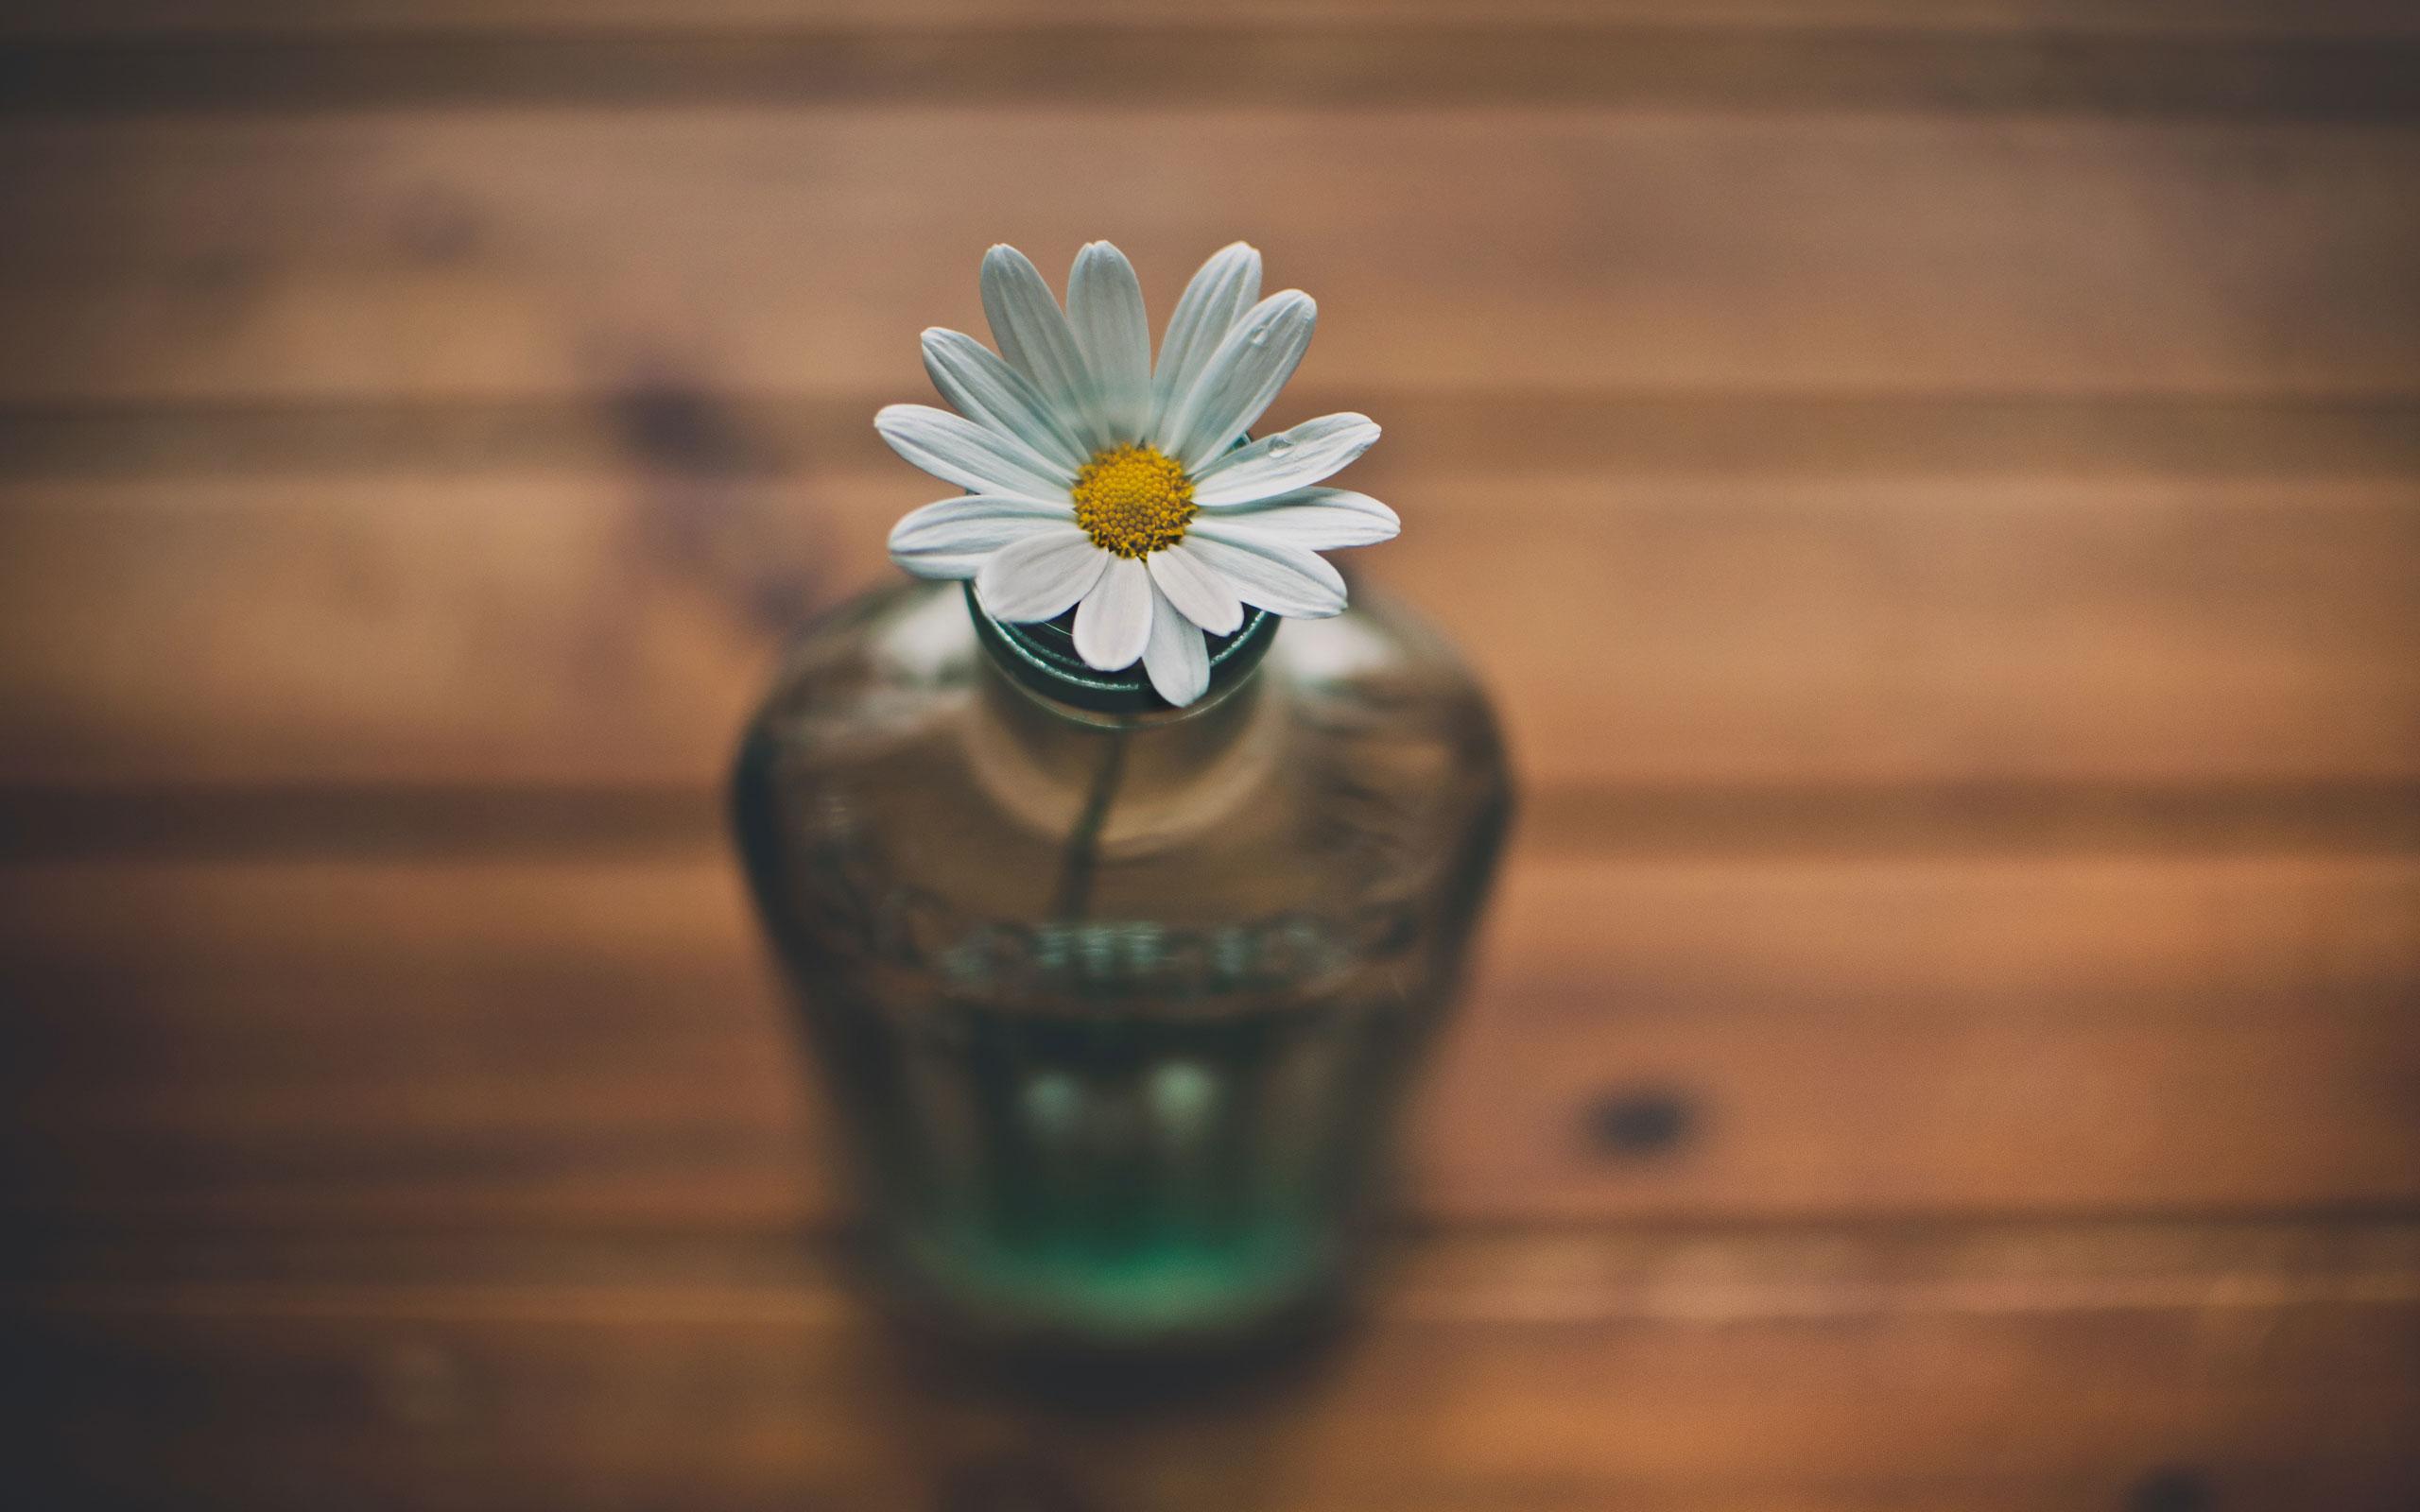 daisy bottle abstract